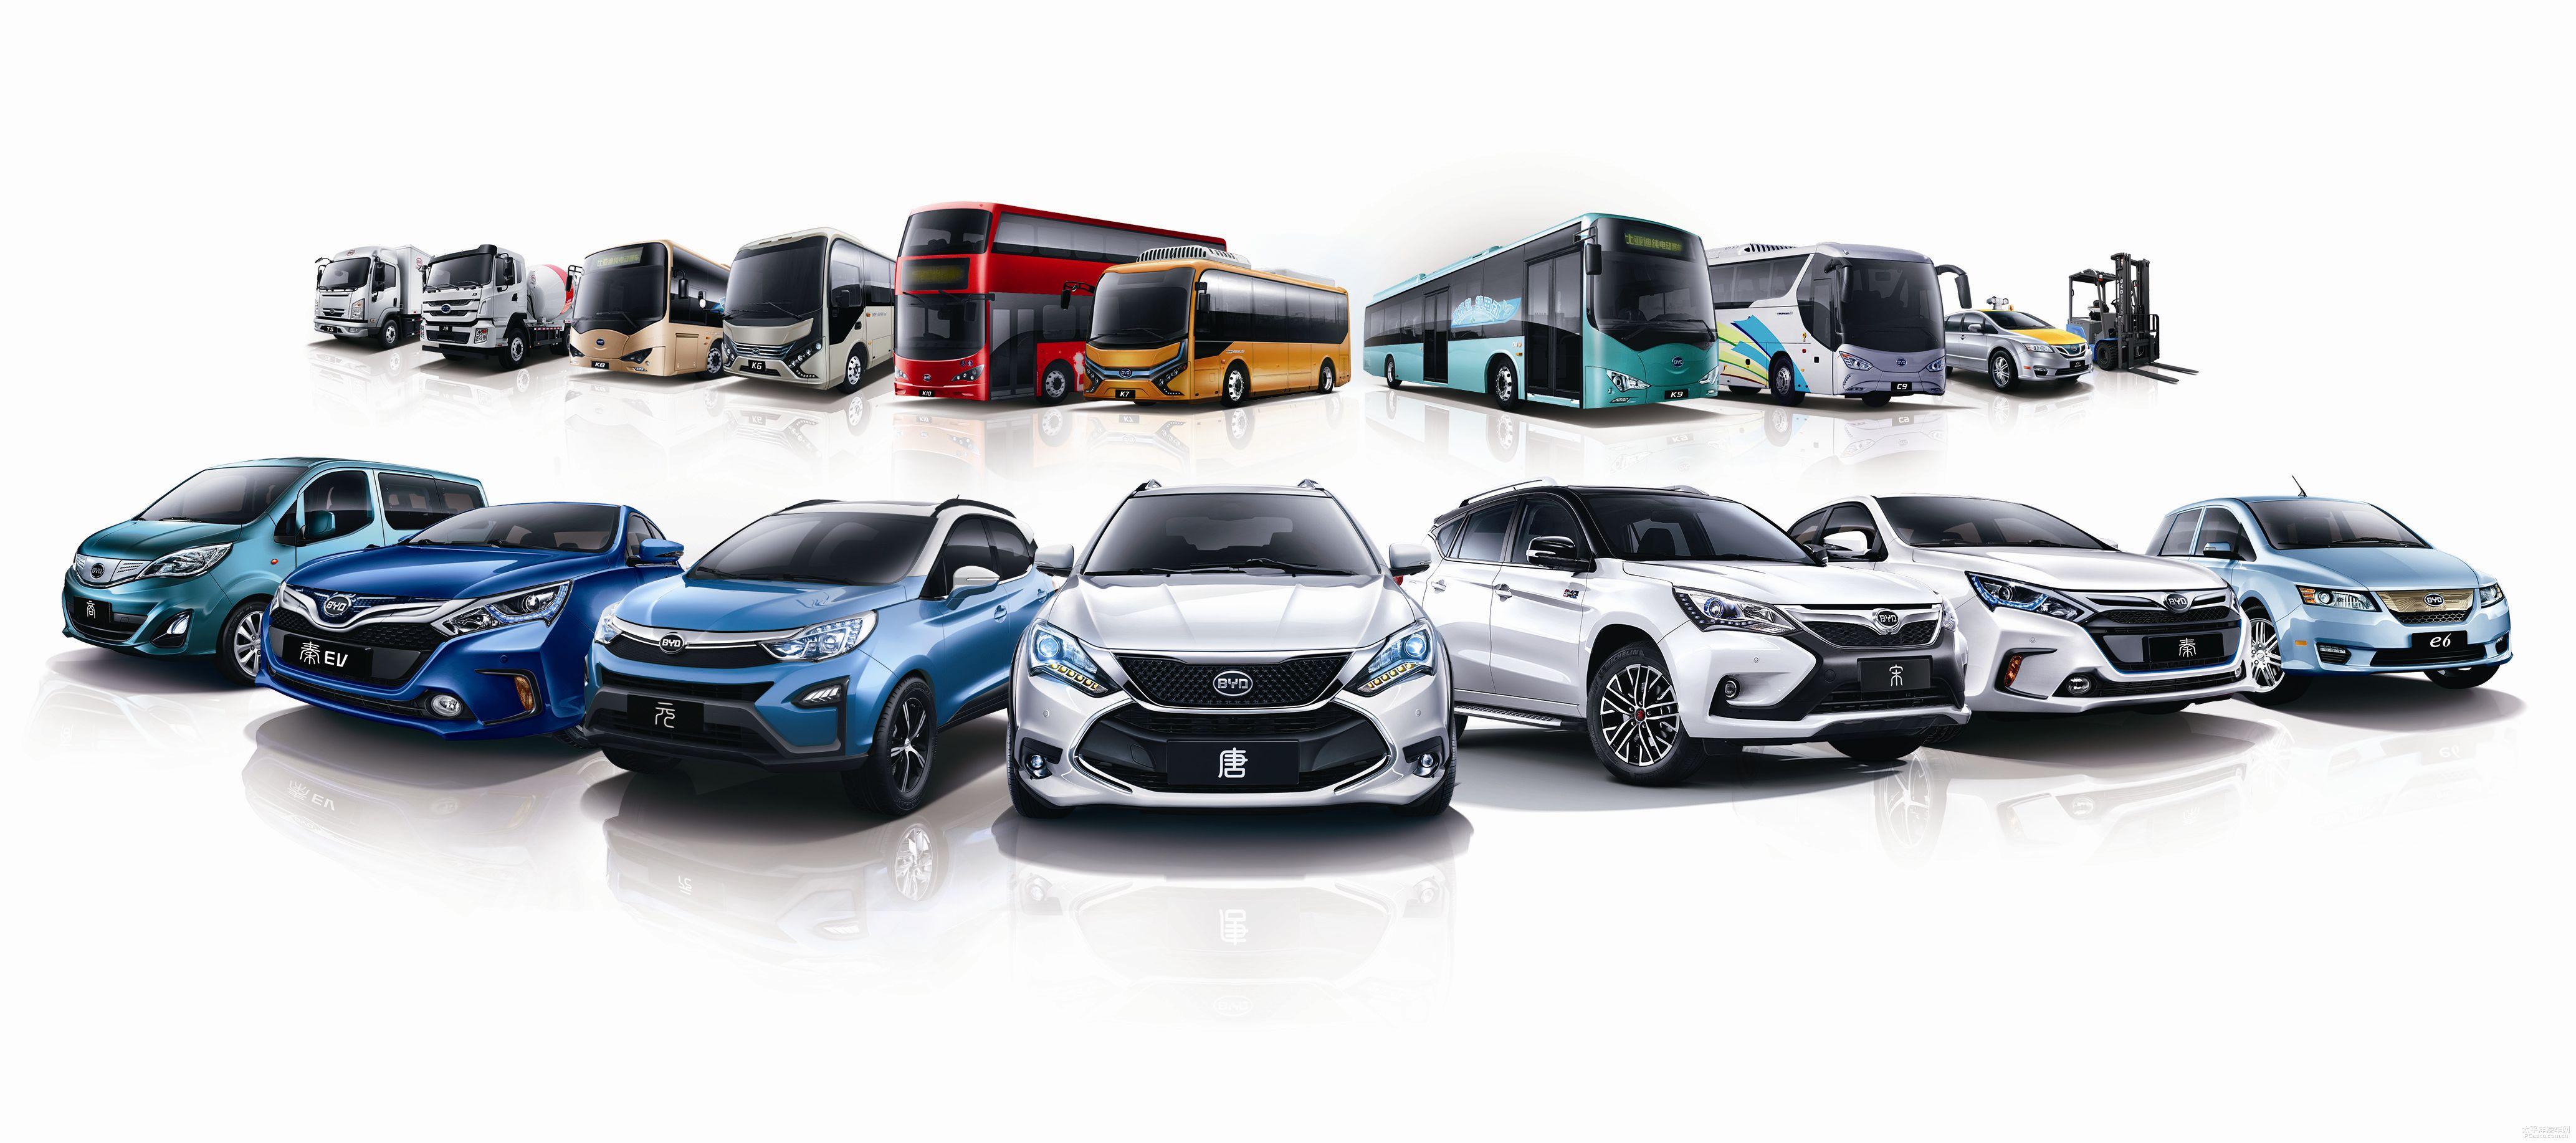 国产新能源汽车的导航装配率仅为53.3%,凯立德市场占有率第一